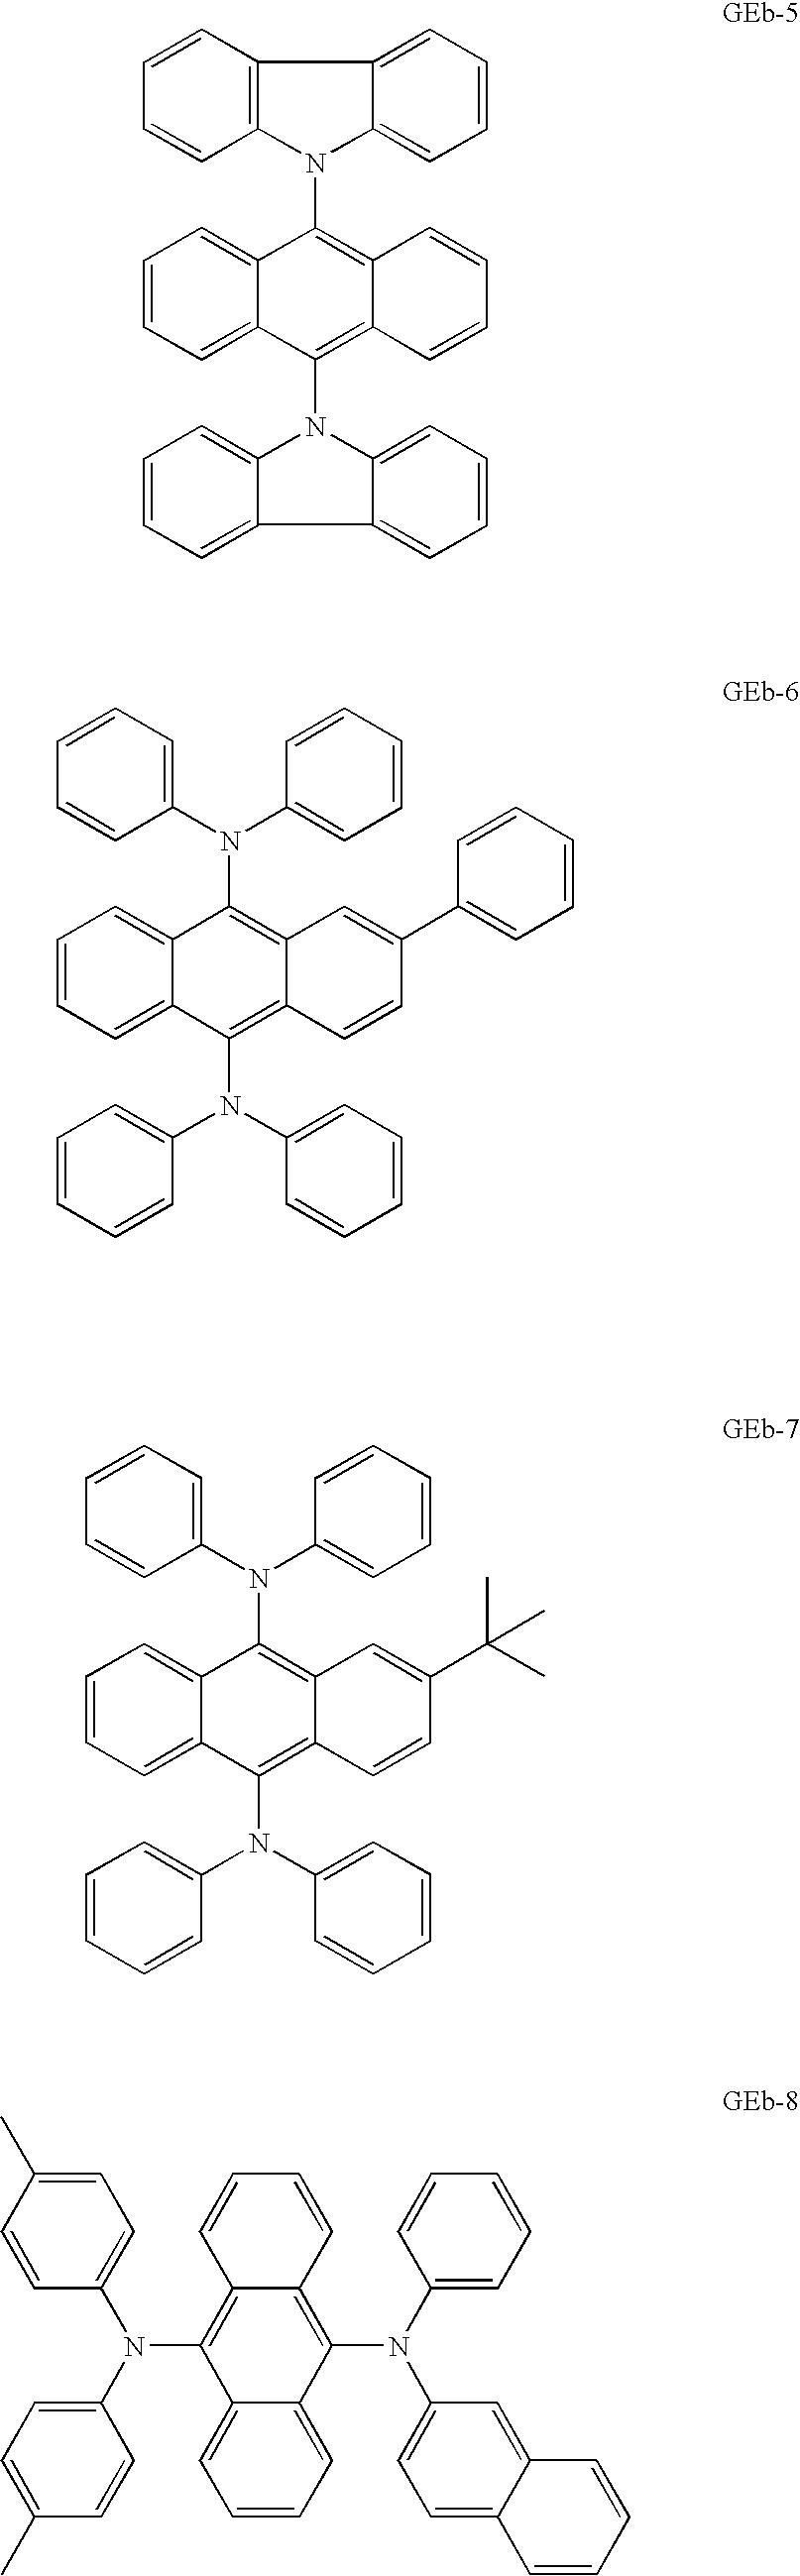 Figure US20100219748A1-20100902-C00008